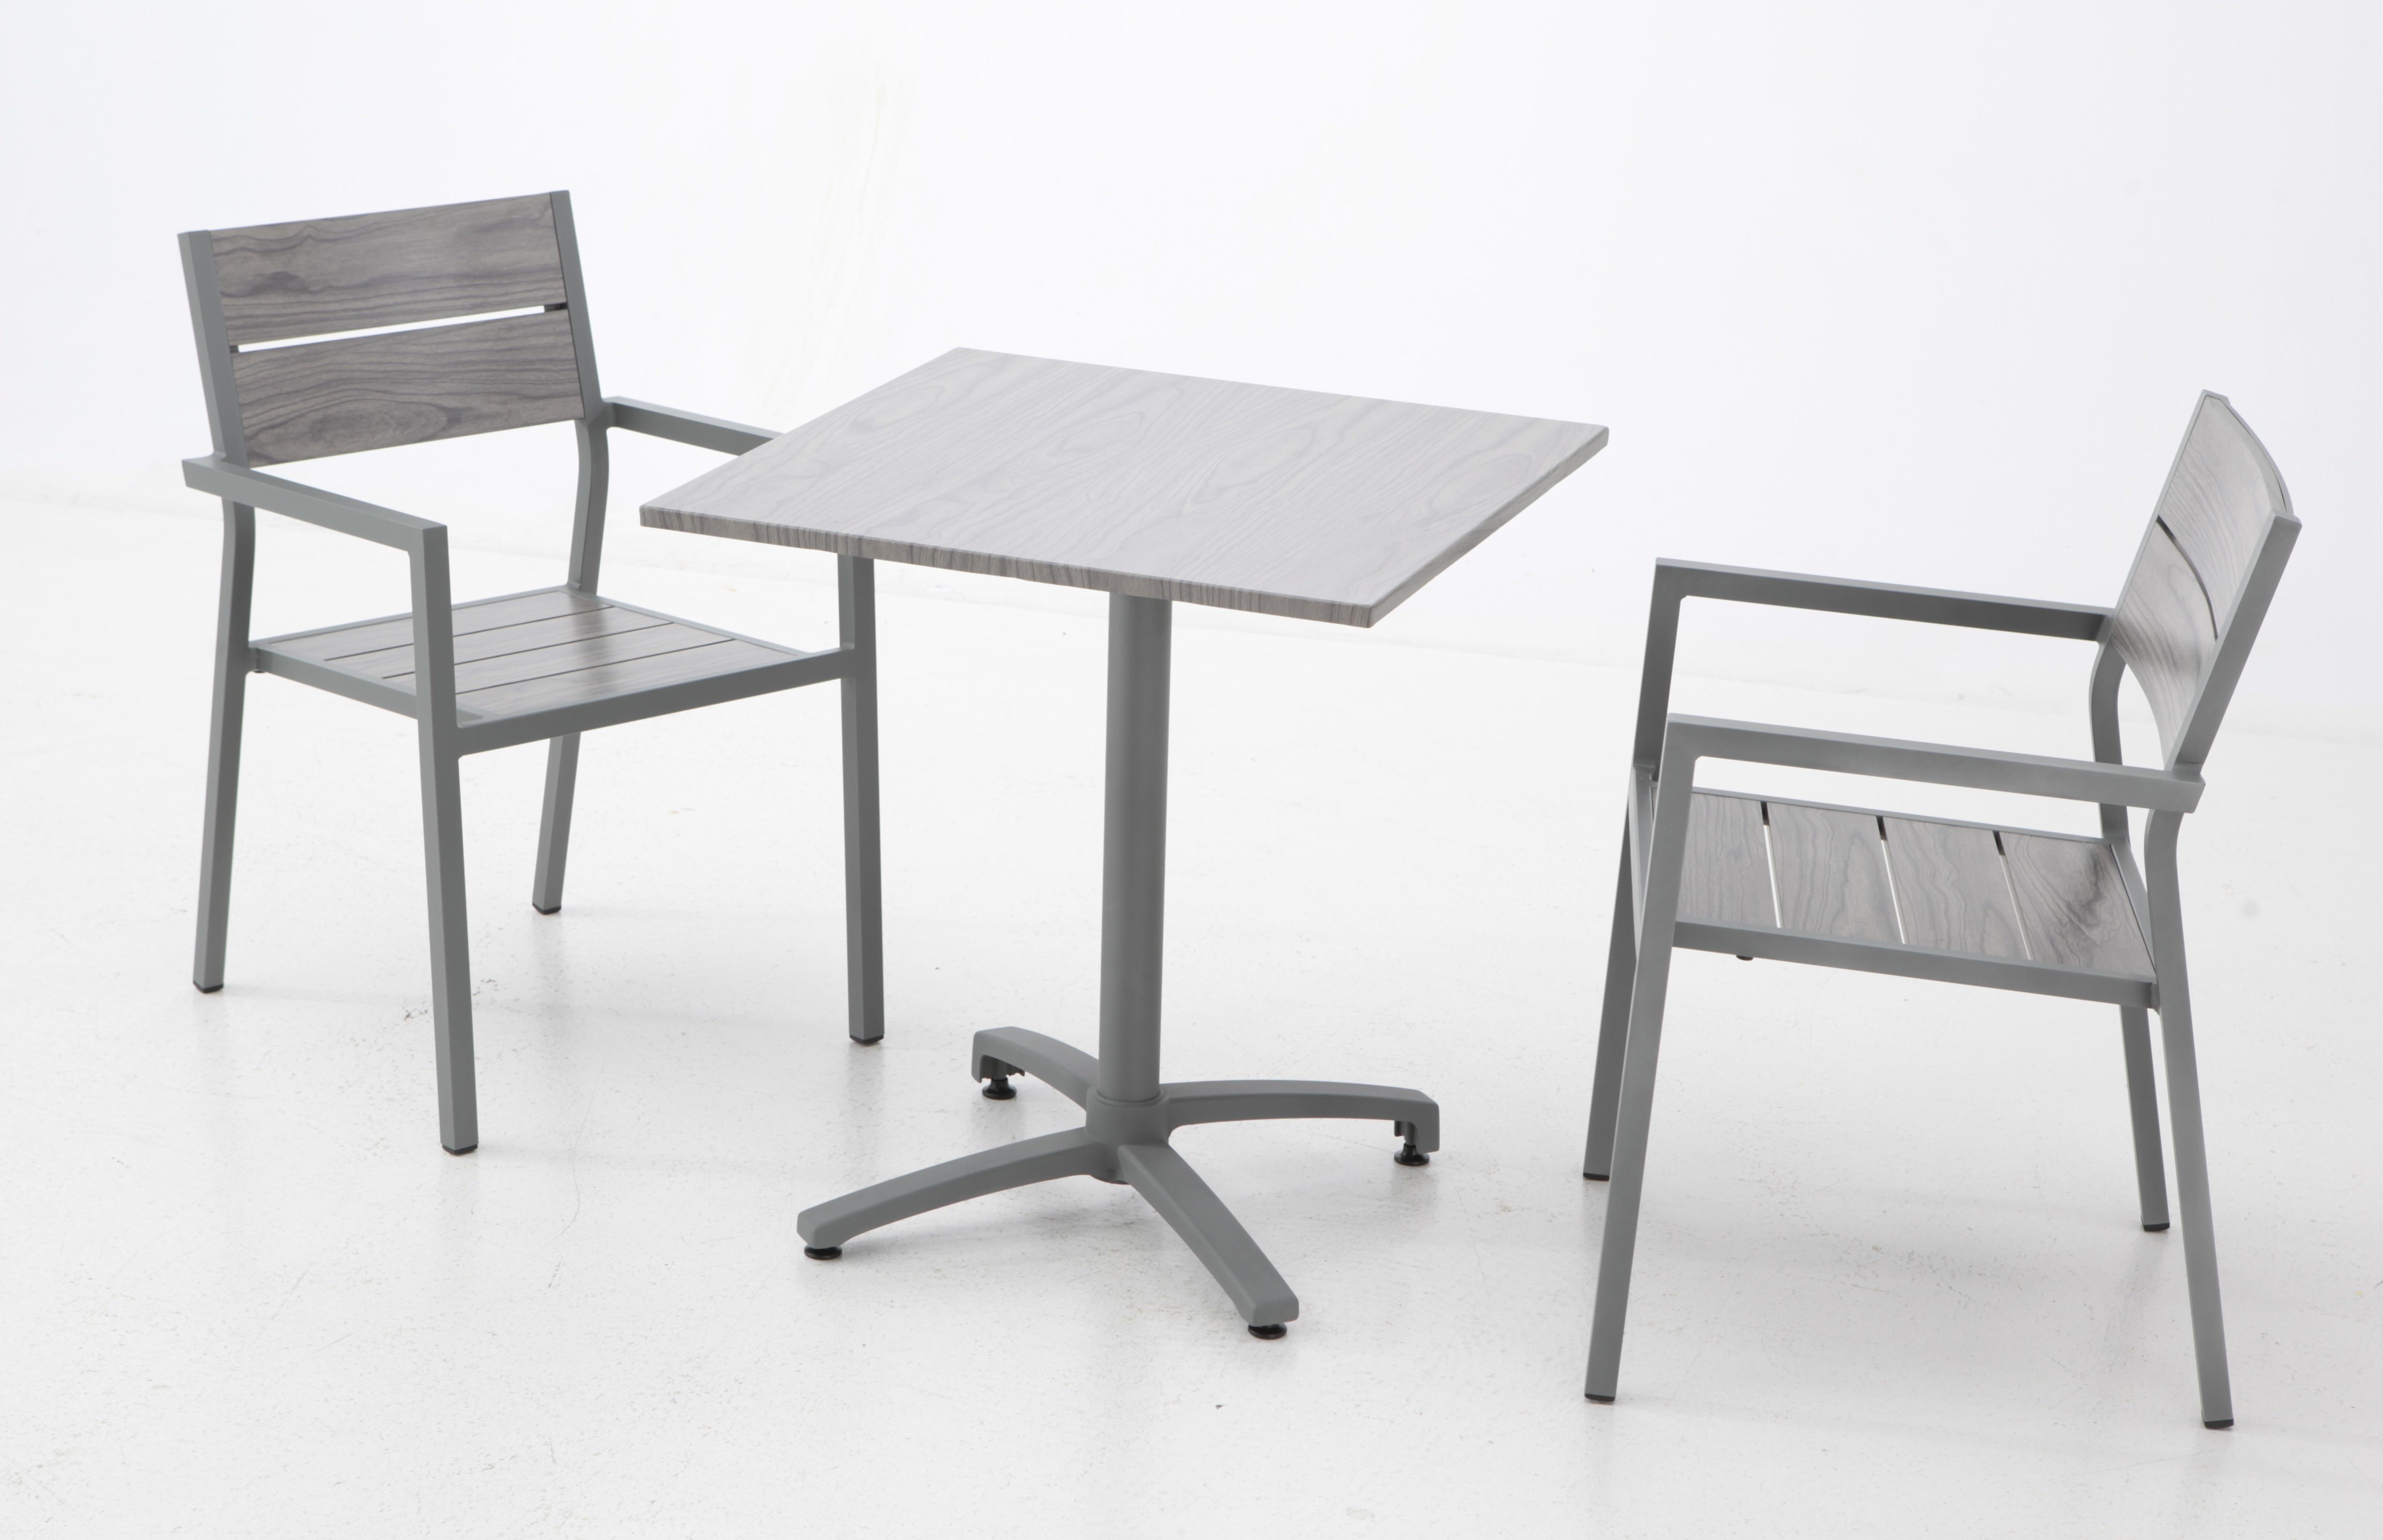 Sillas y mesas de terraza para hosteler a y jard n hantol design - Mesas y sillas de terraza para hosteleria ...